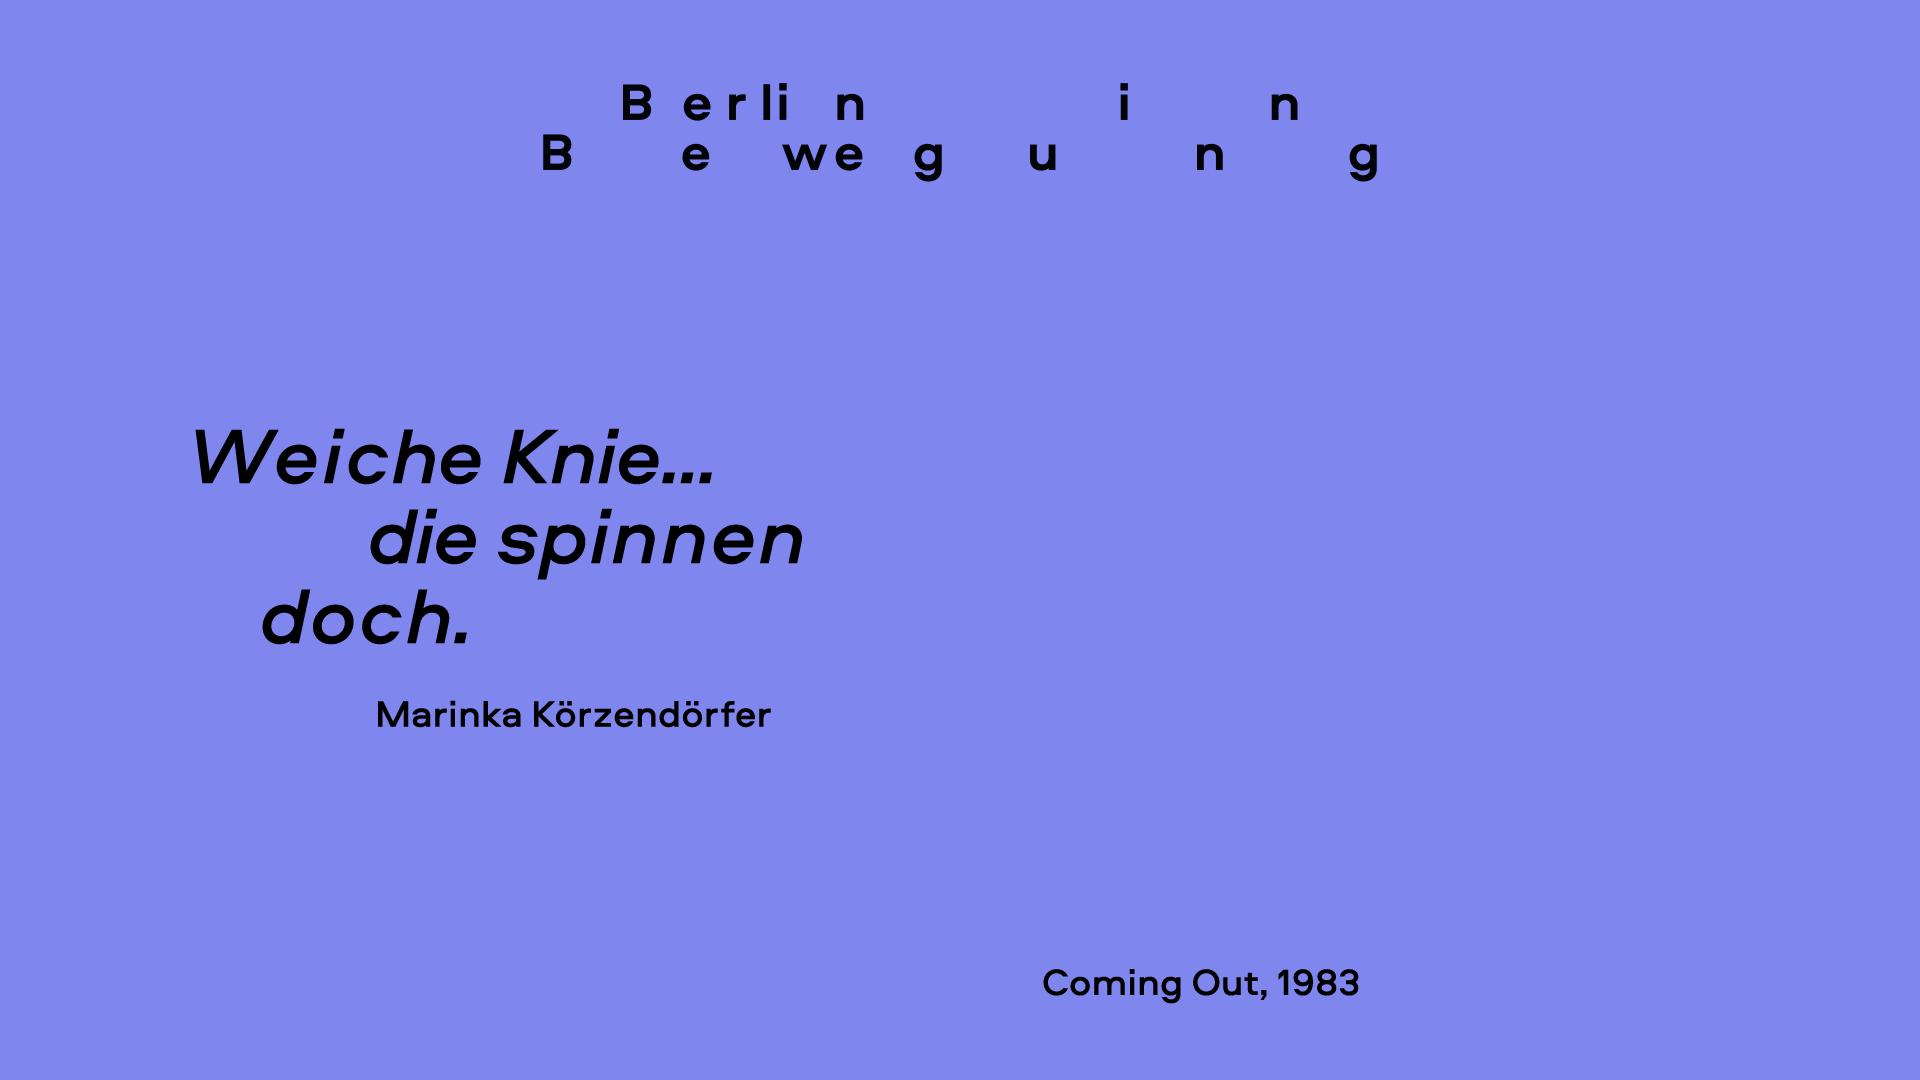 Zeitzeug*innen-Interview mit Marinka Körzendörfer